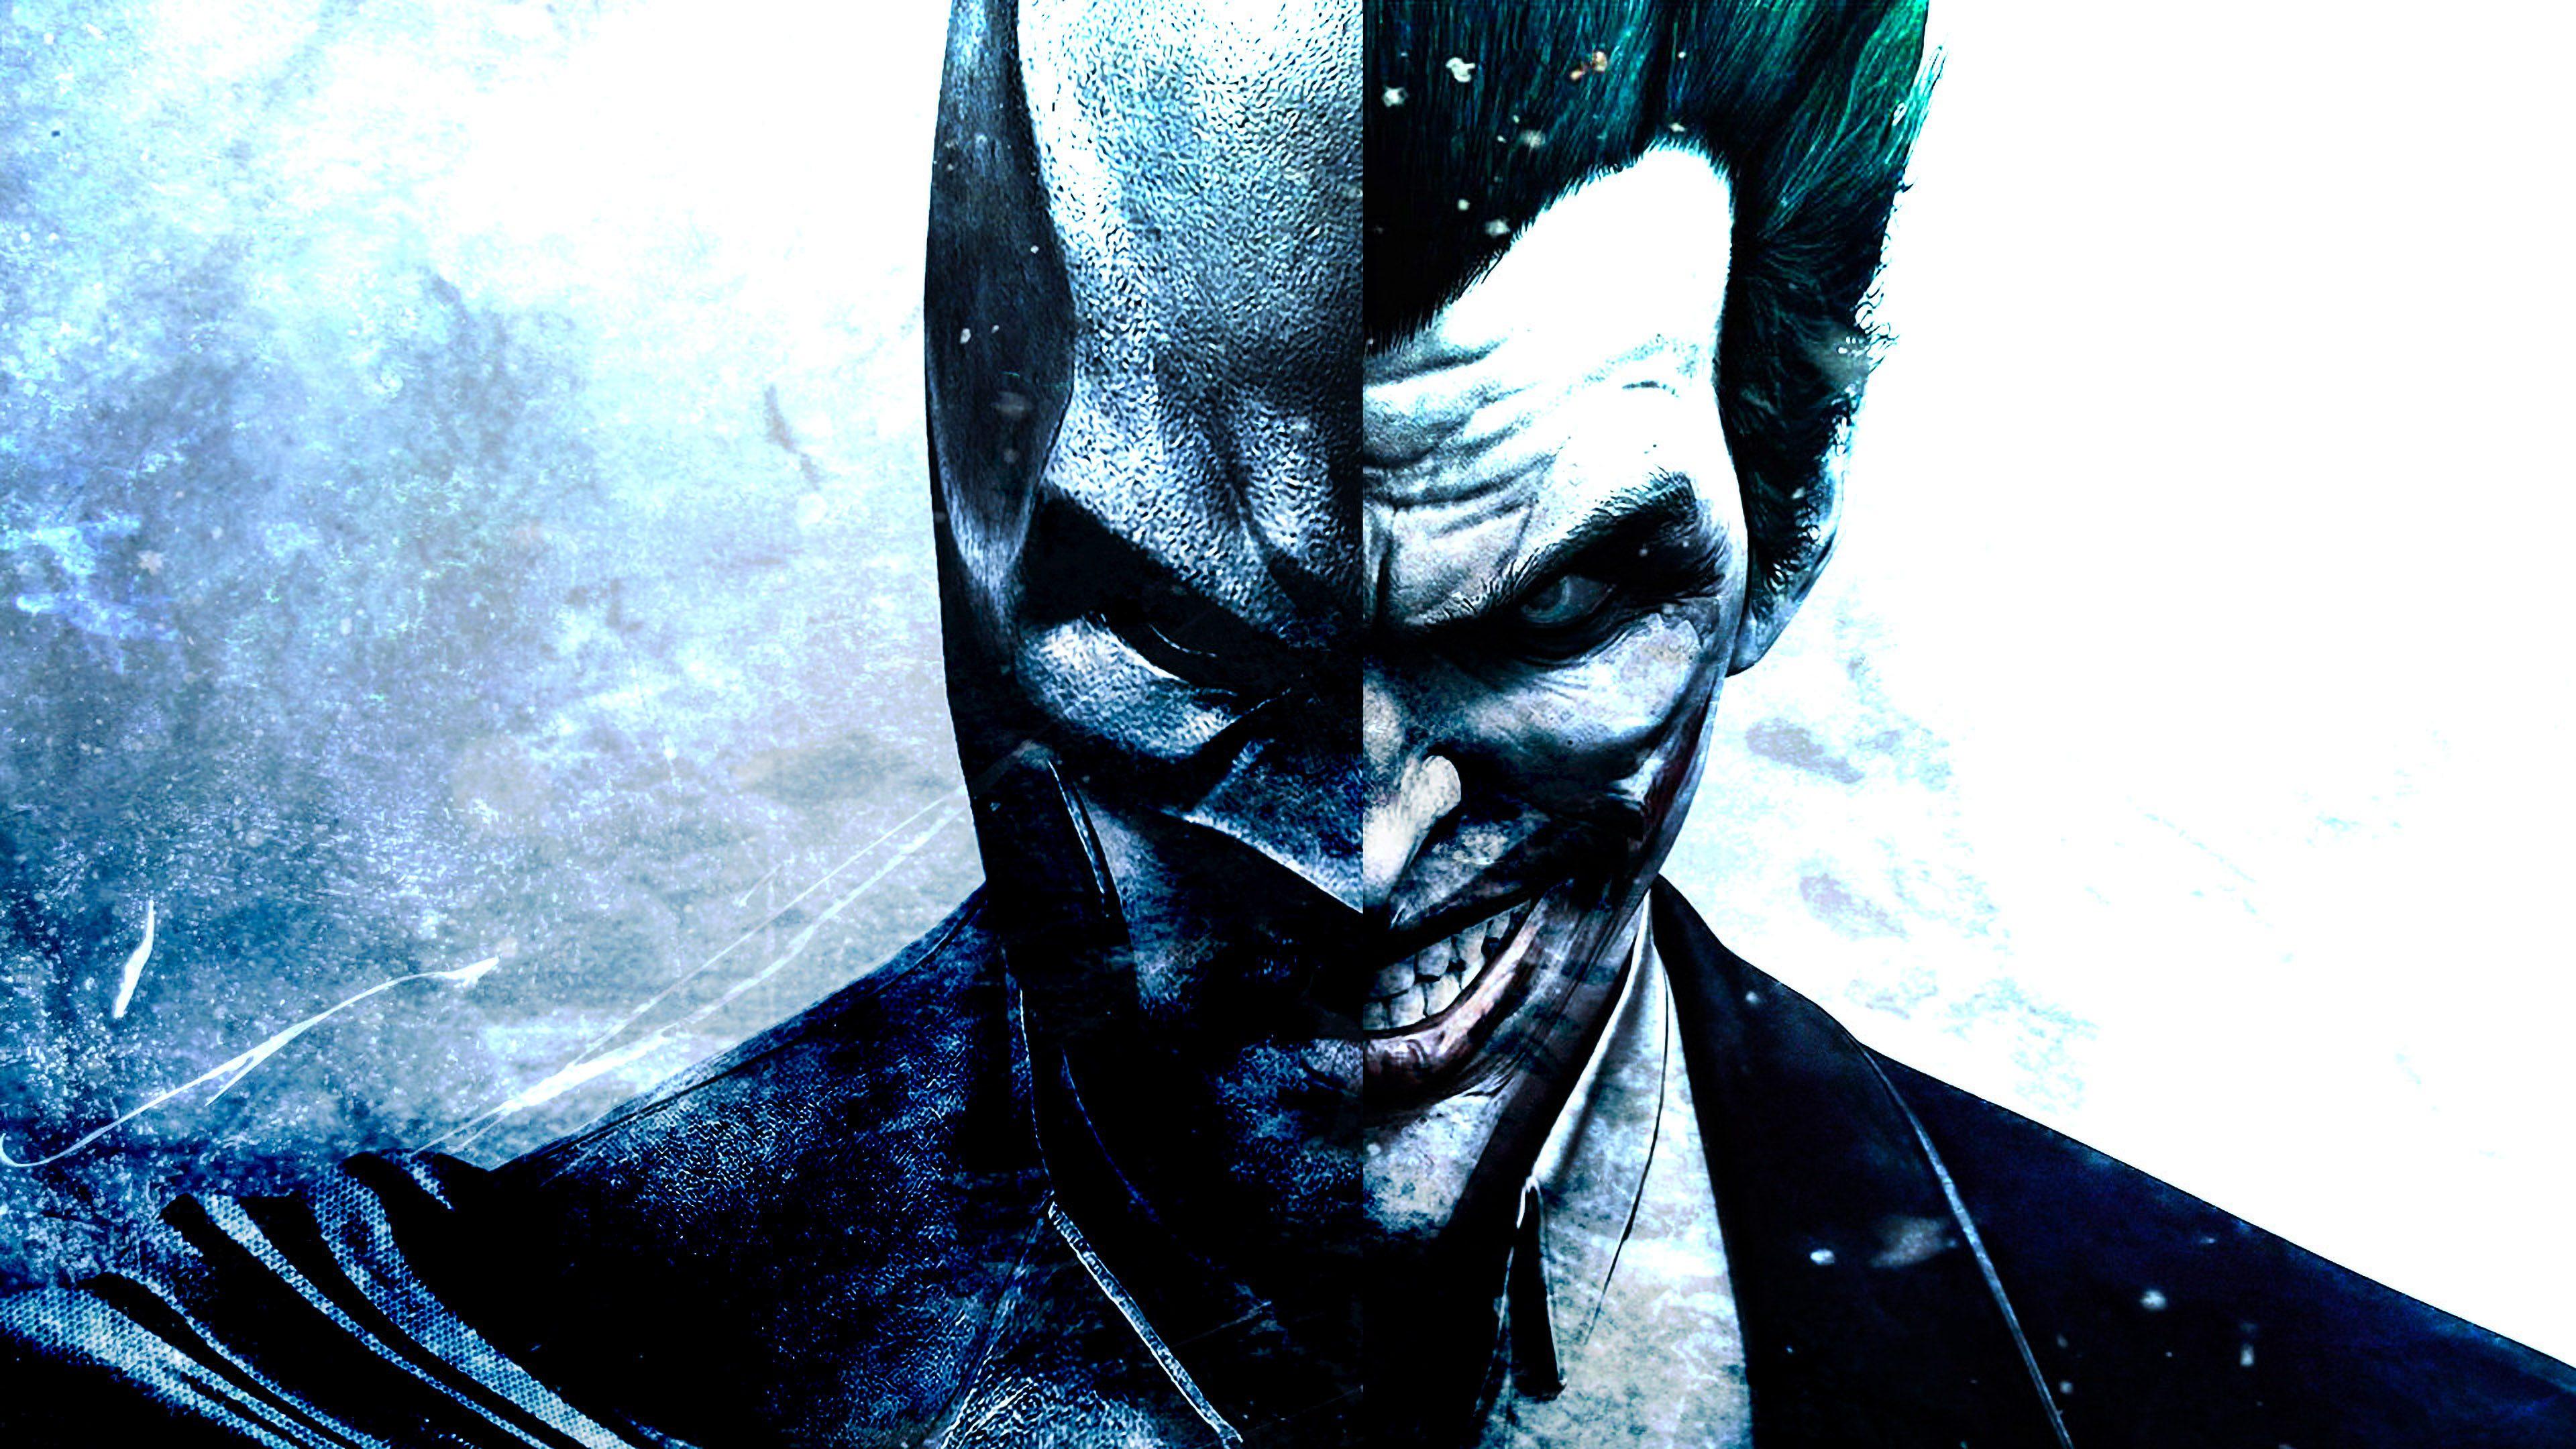 Batman Joker Face 4K Wallpaper - Best Wallpapers